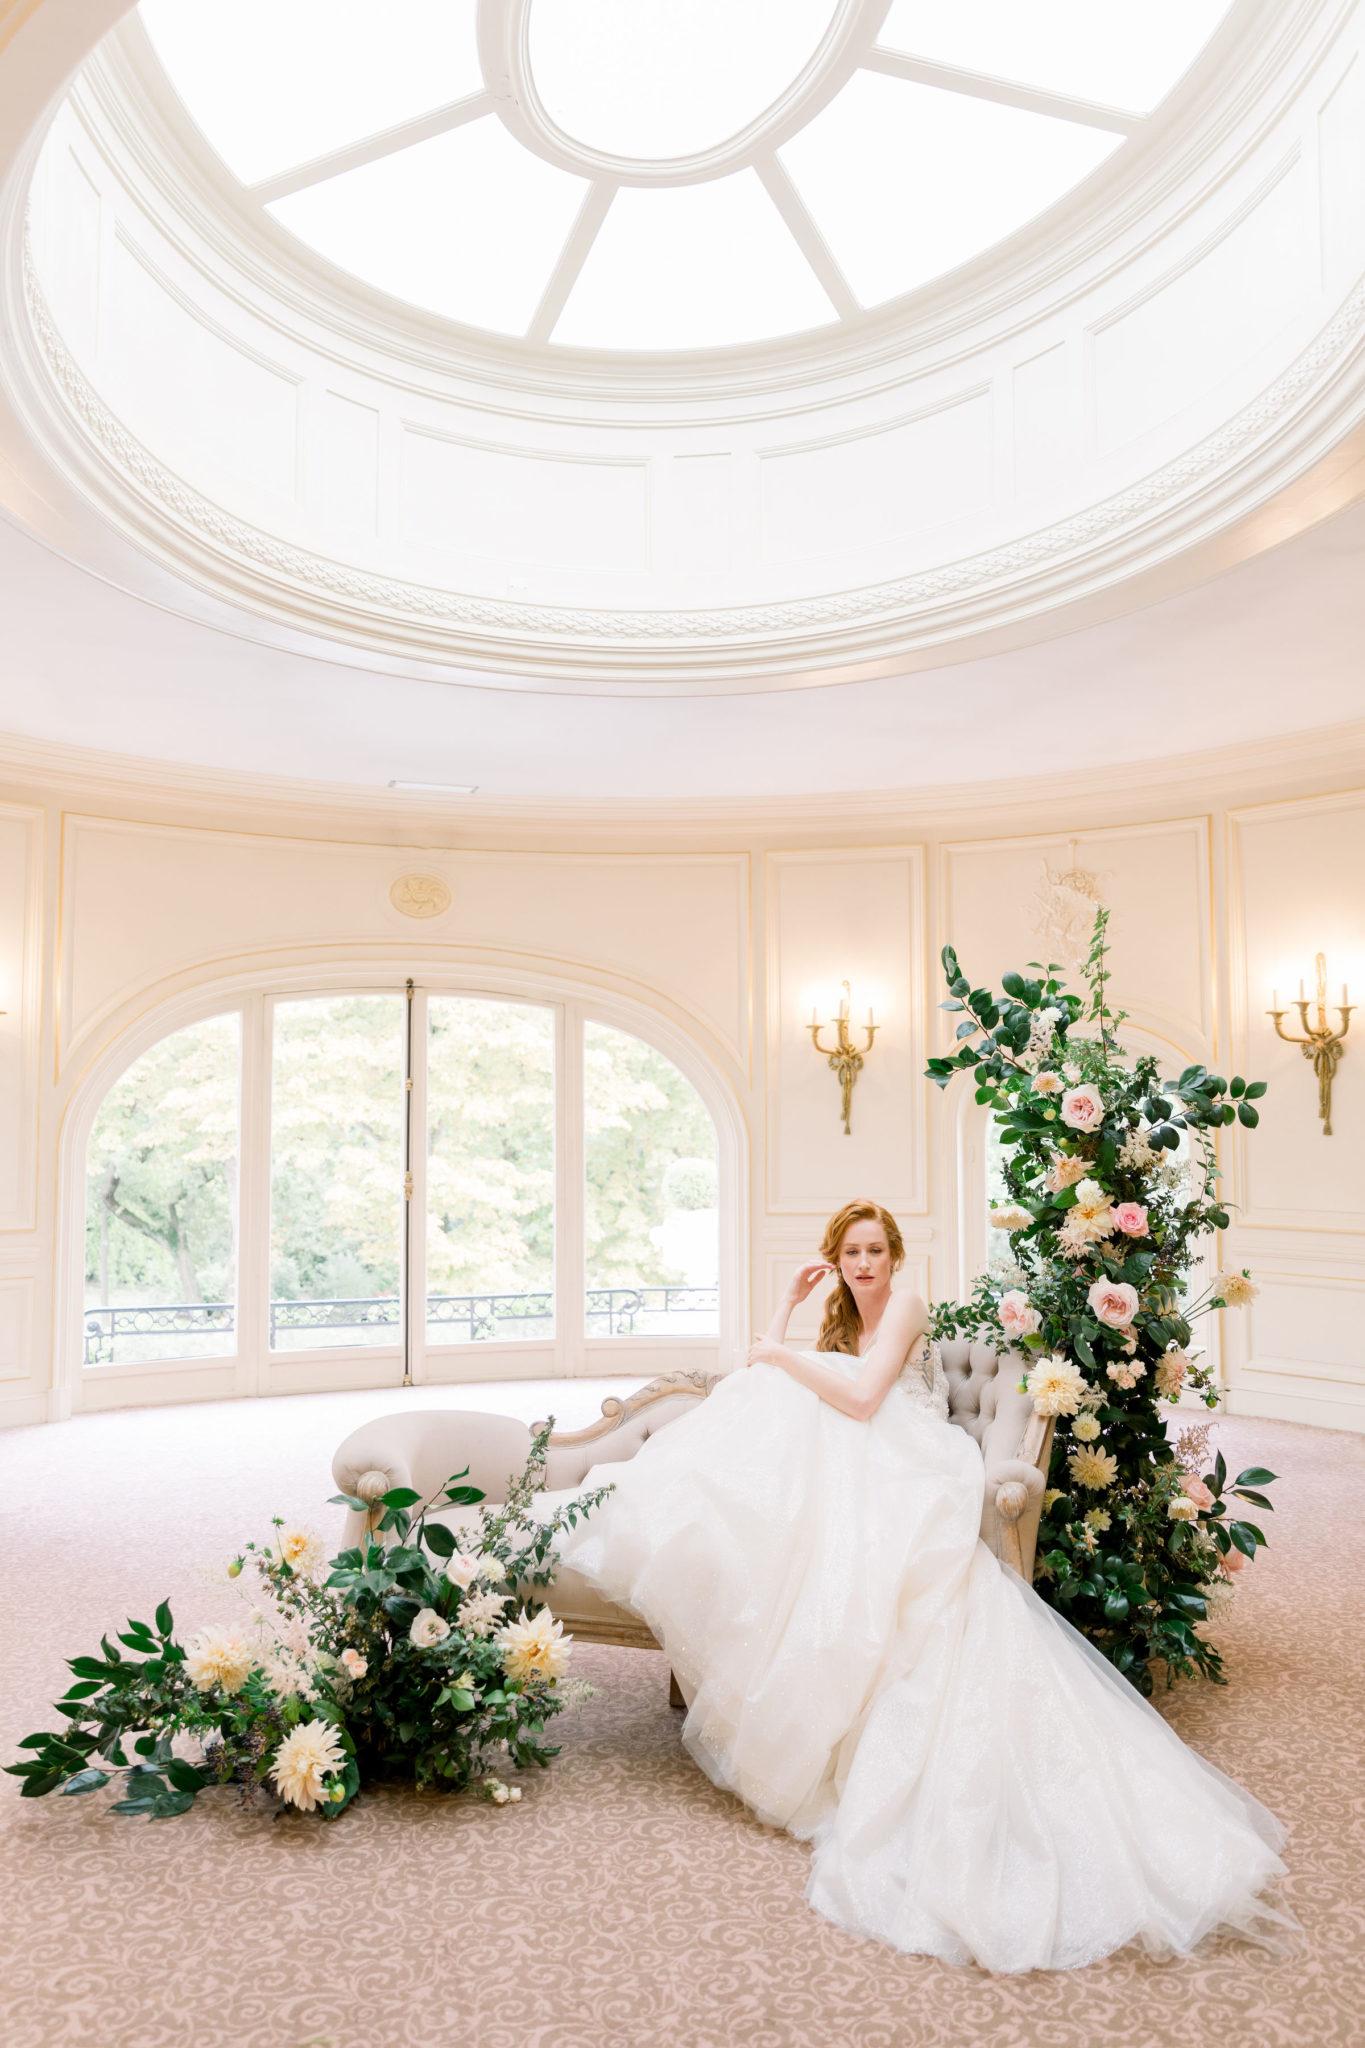 Salon Lenotre coupole, Inspiration mariage luxueux esprit Marie Antoinette